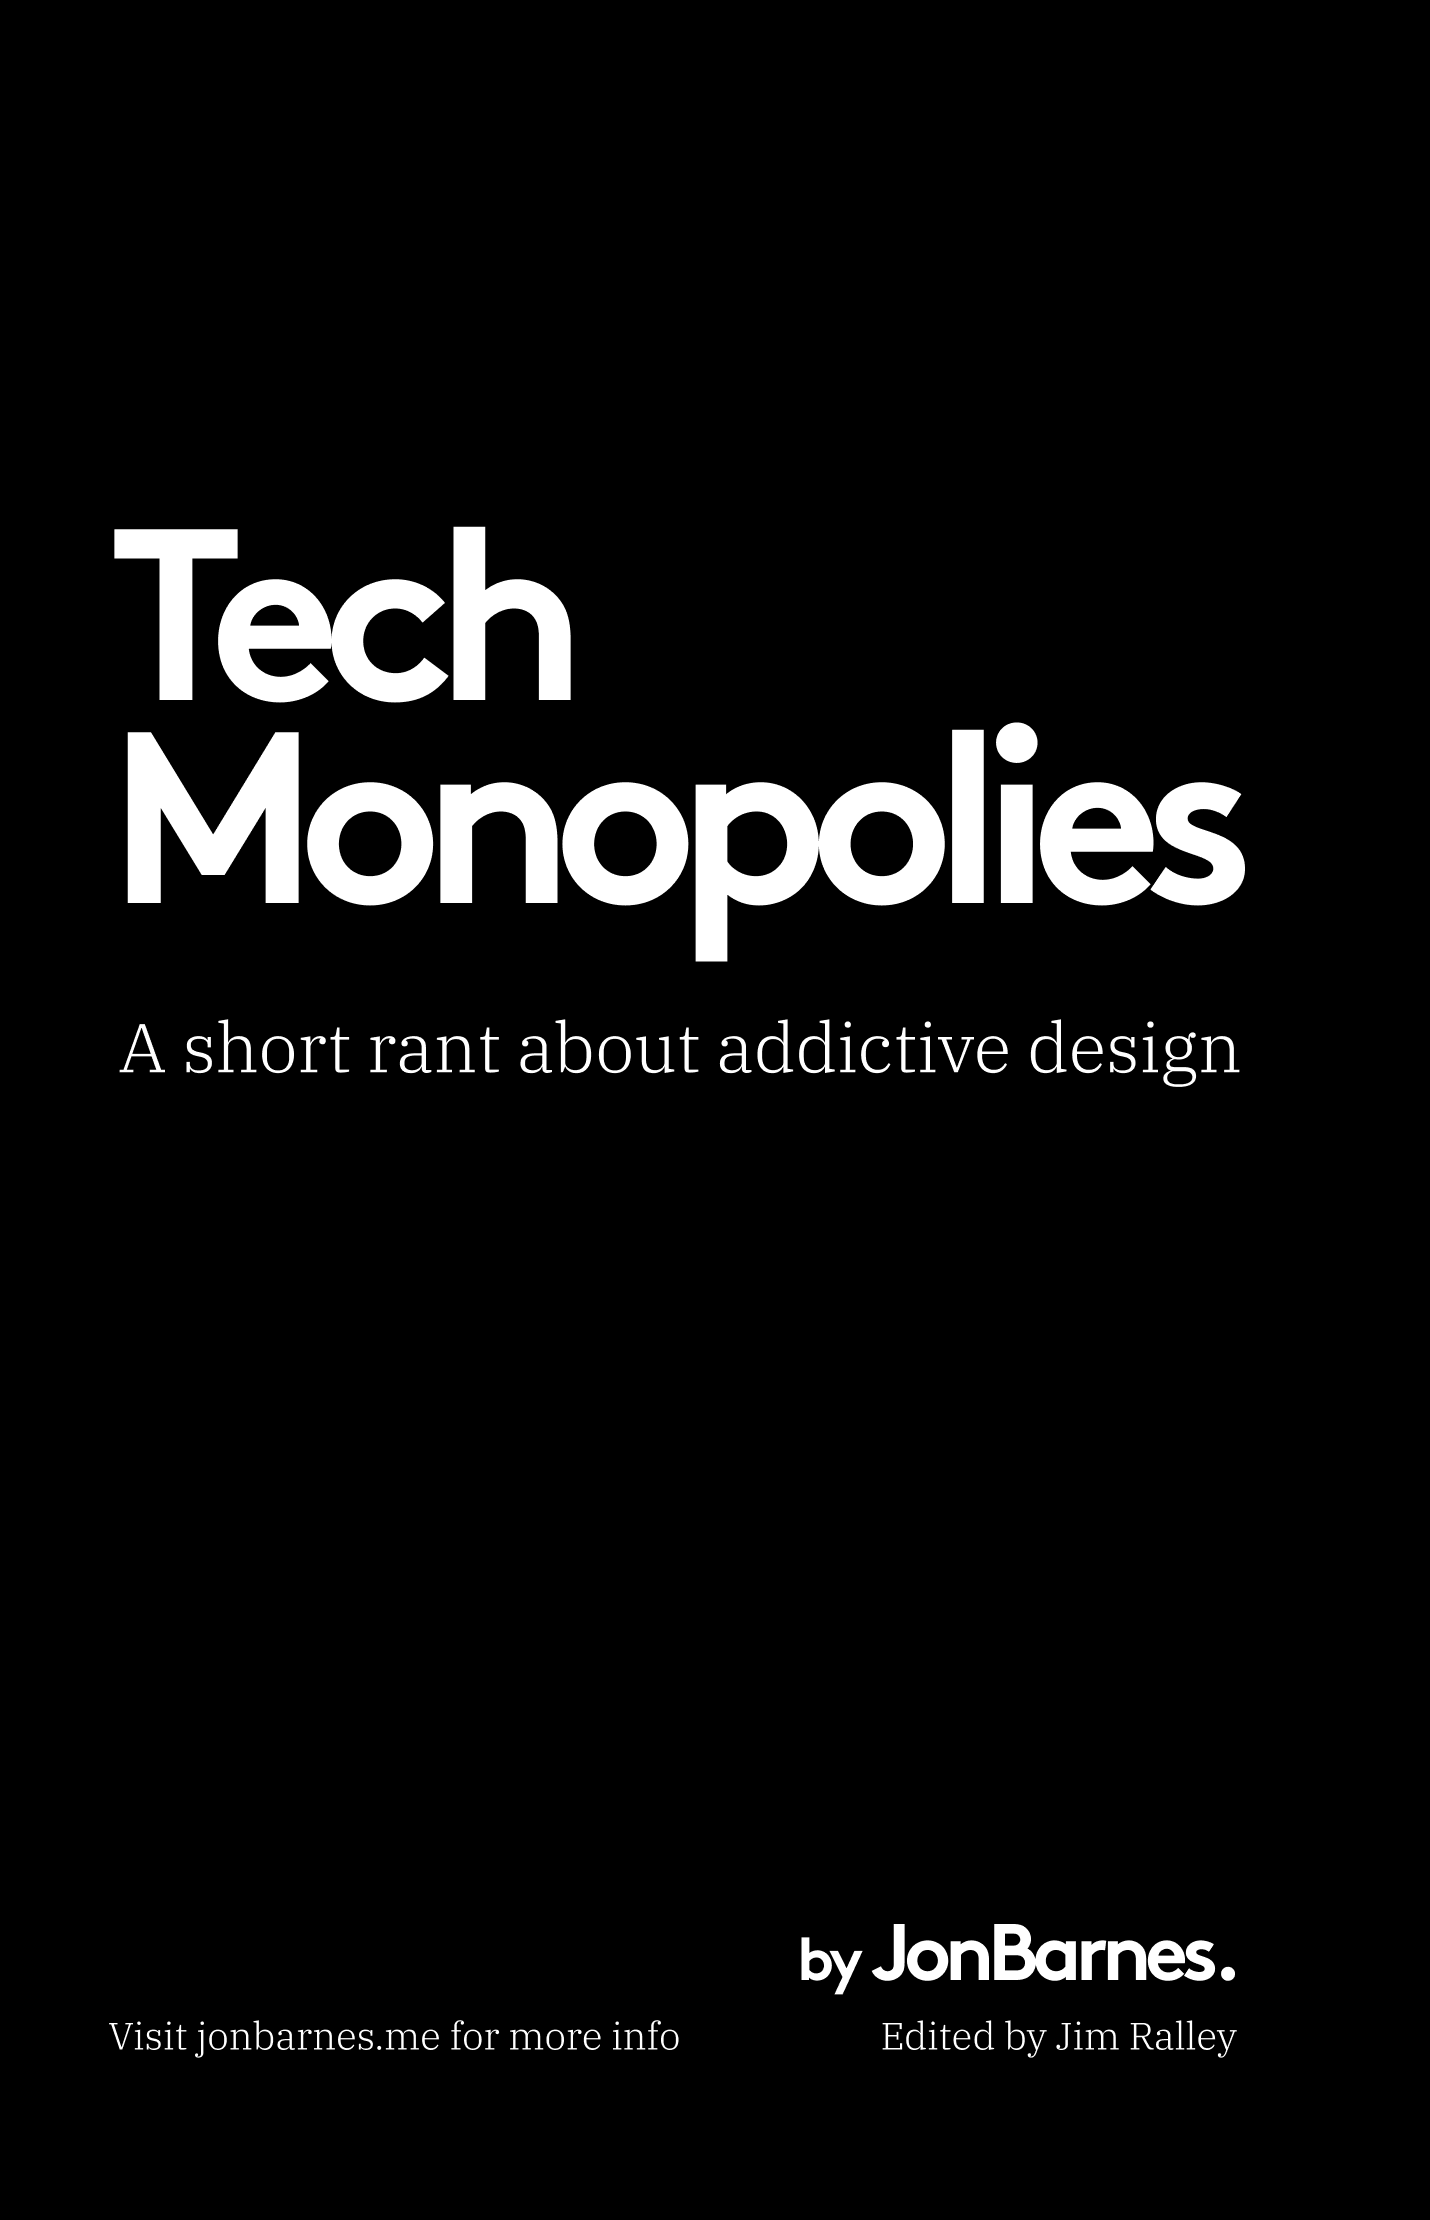 Tech-Monopolies